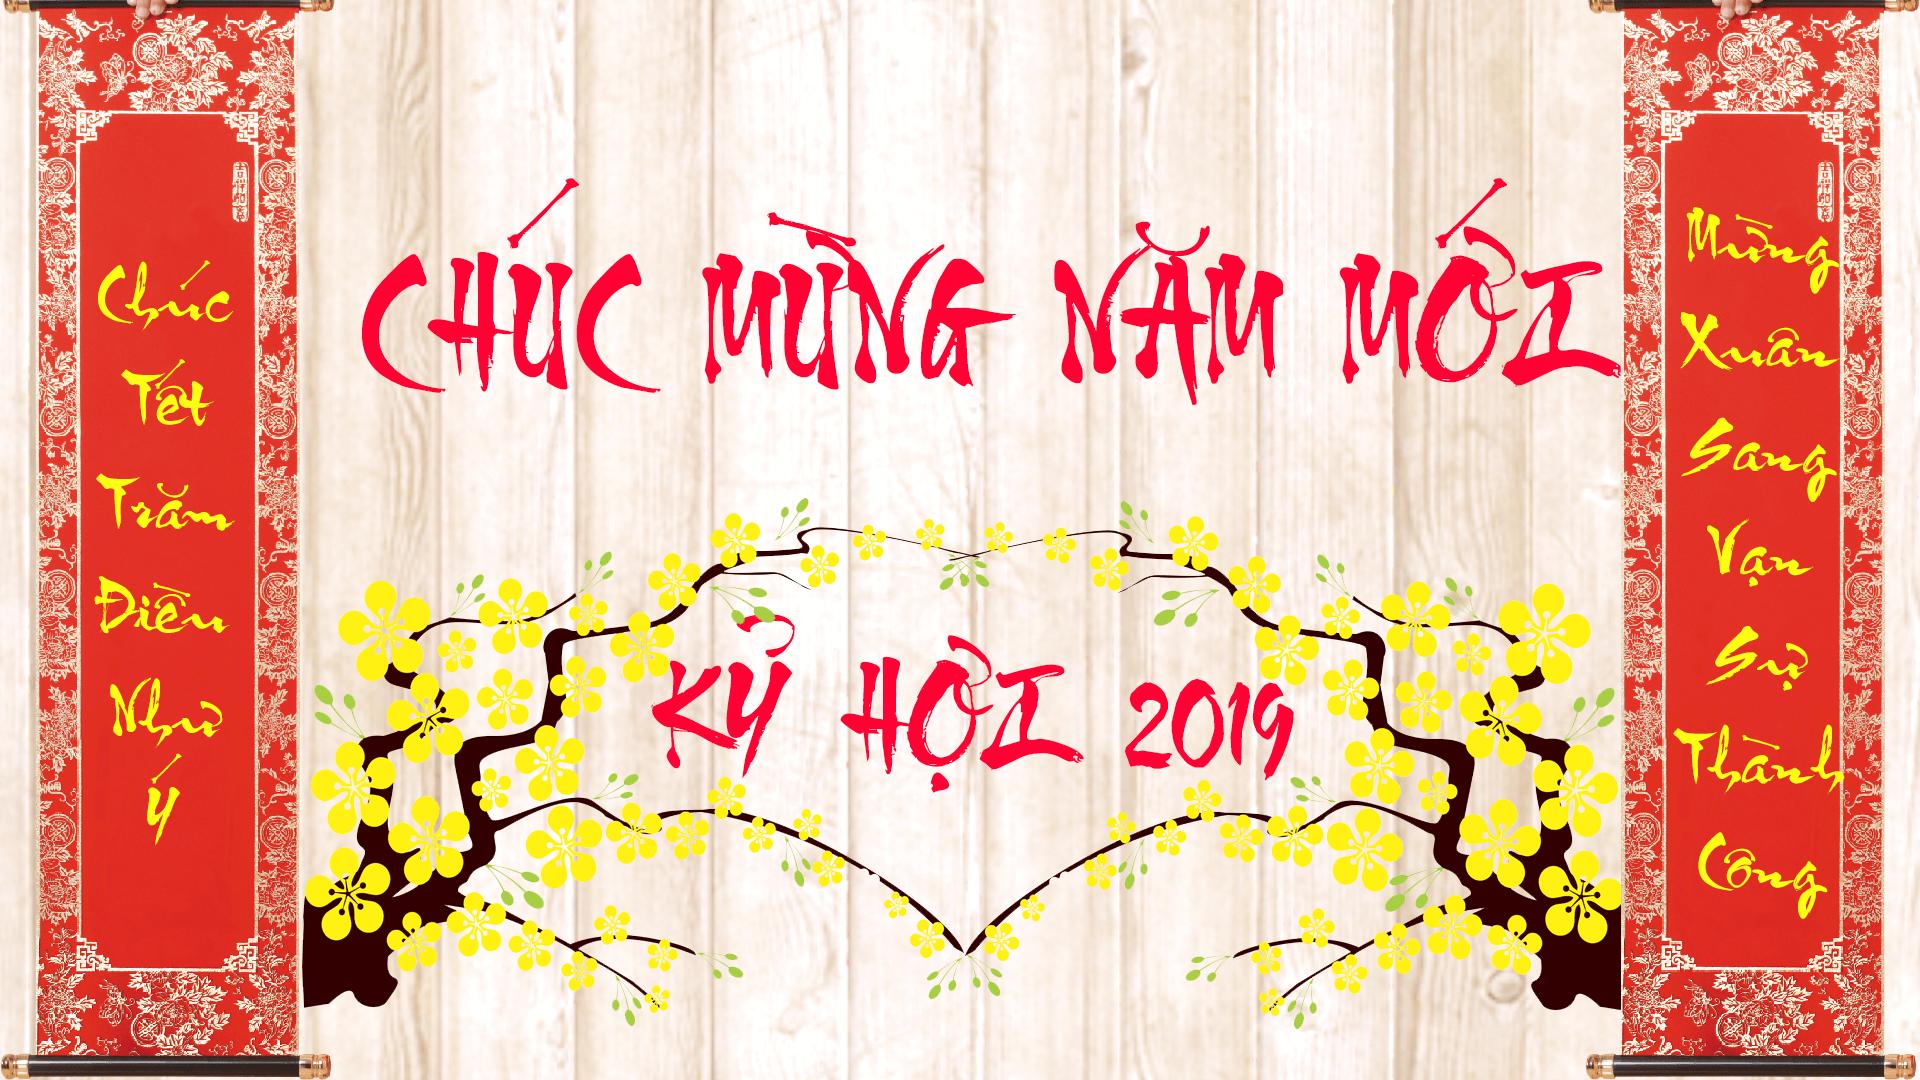 Chúc Mừng Năm Mới và thông báo lịch nghỉ Tết Âm lịch 2019